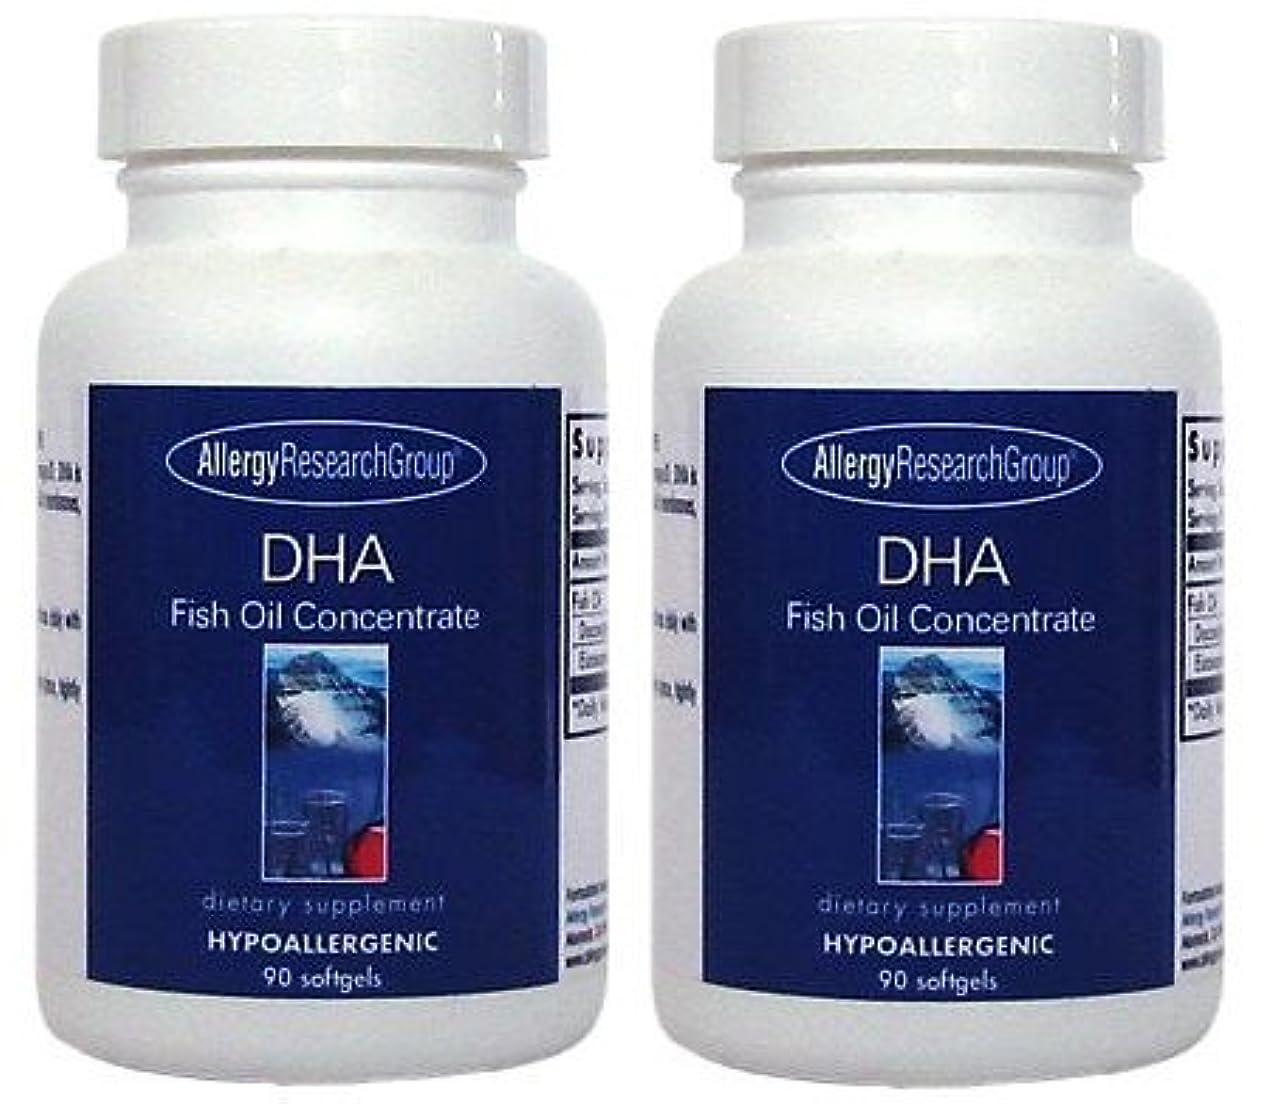 ネーピアポケット人工的なDHA & EPA (DHA Fish Oil Concentrate 90 Softgels ) [海外直送品] 2ボトル